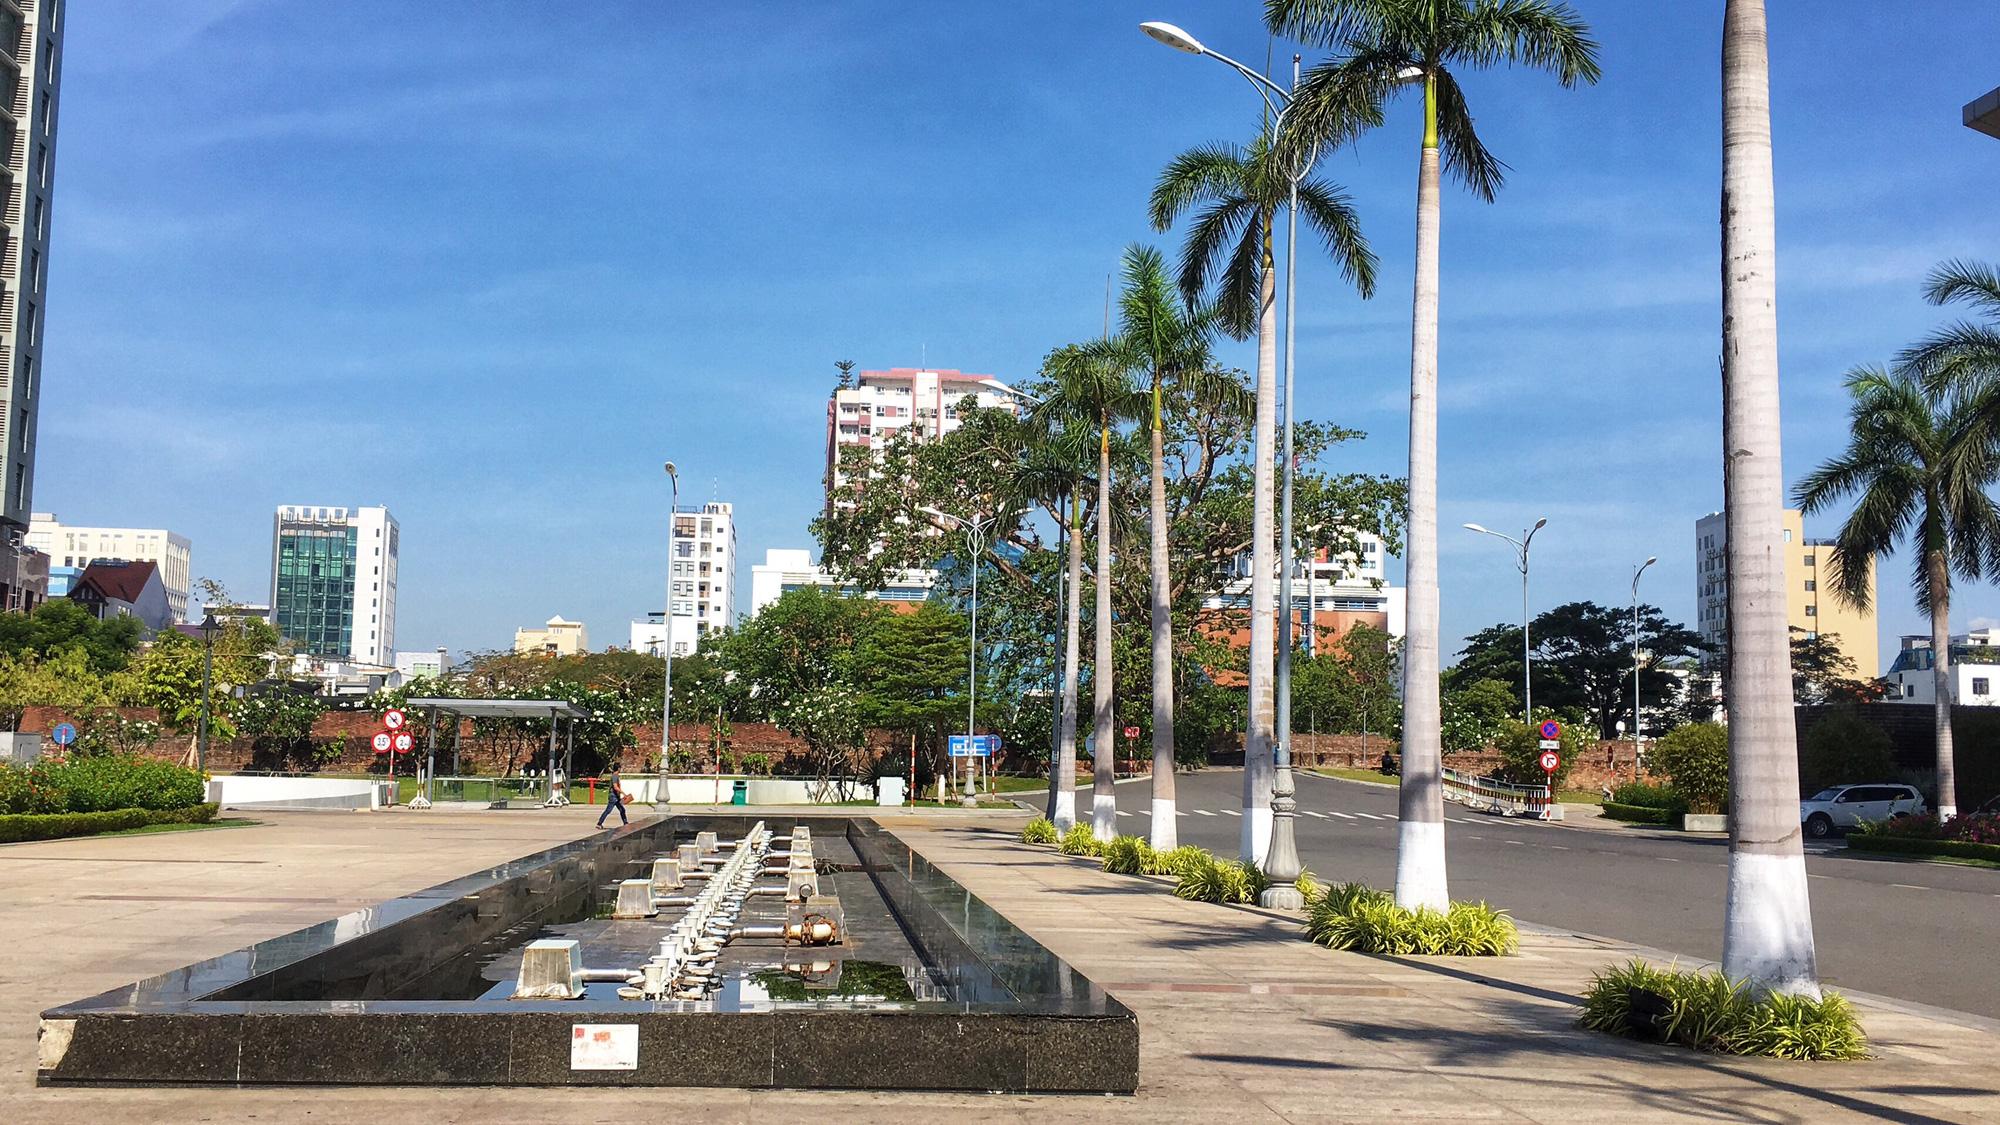 Đất vàng trung tâm Đà Nẵng làm quảng trường - Ảnh 10.